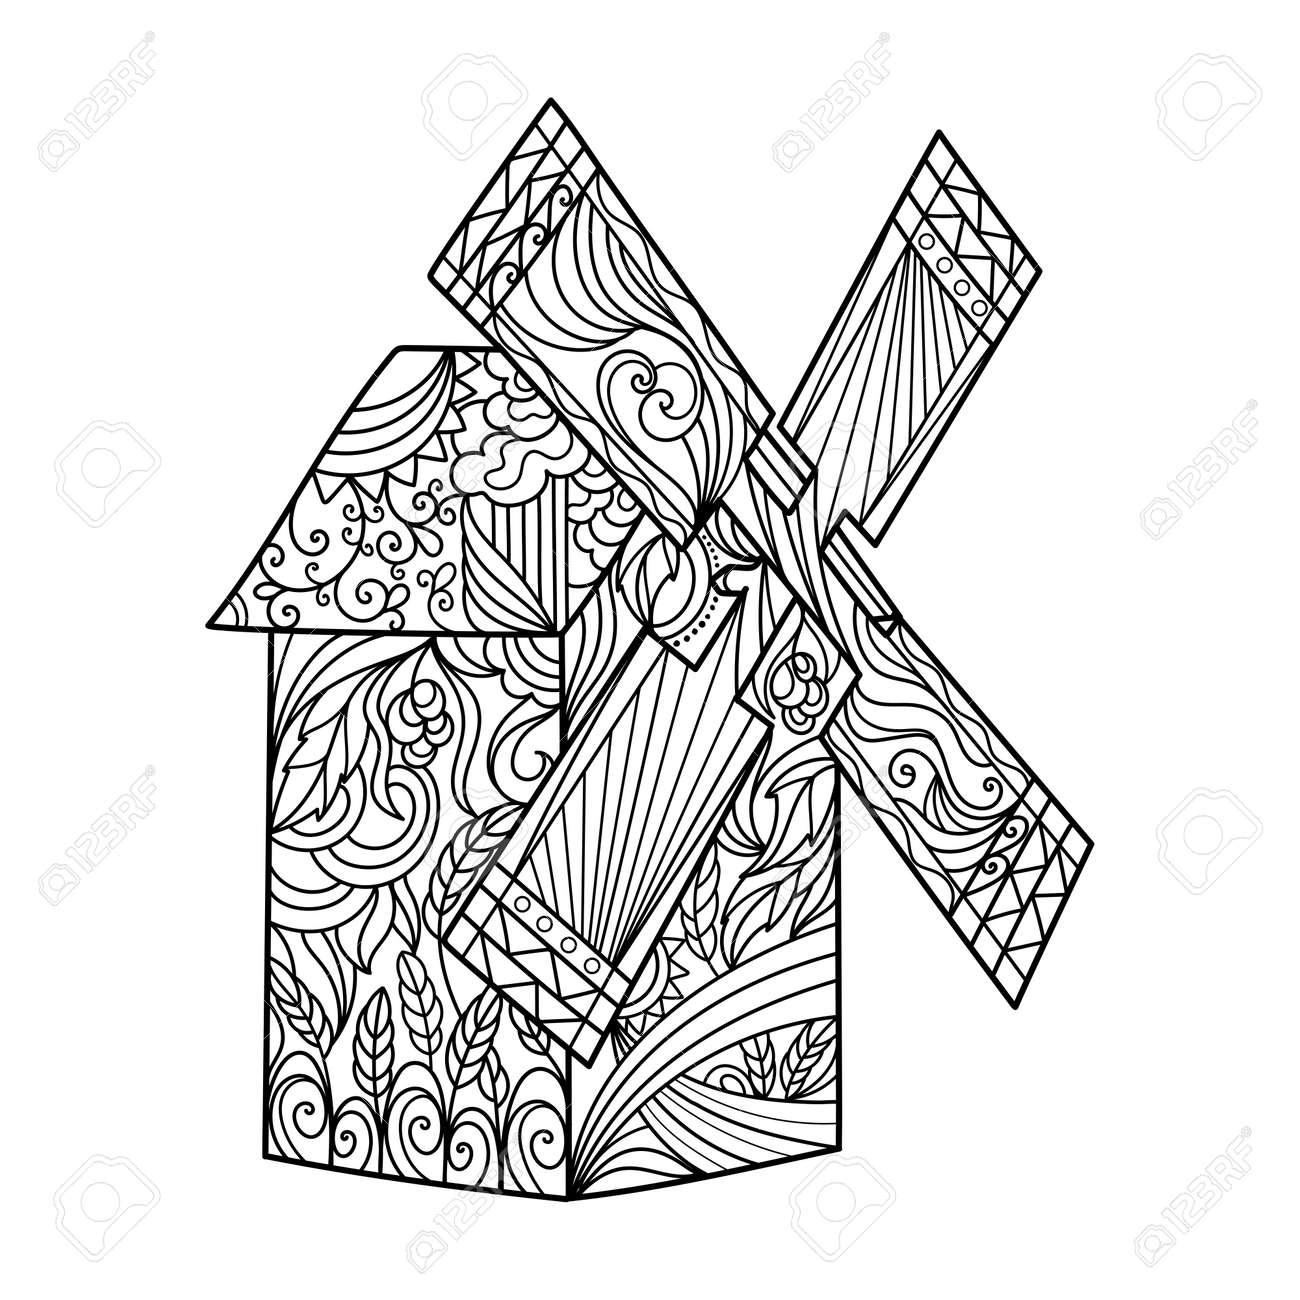 Windmühle Malbuch Für Erwachsene Illustration. Anti-Stress Für ...